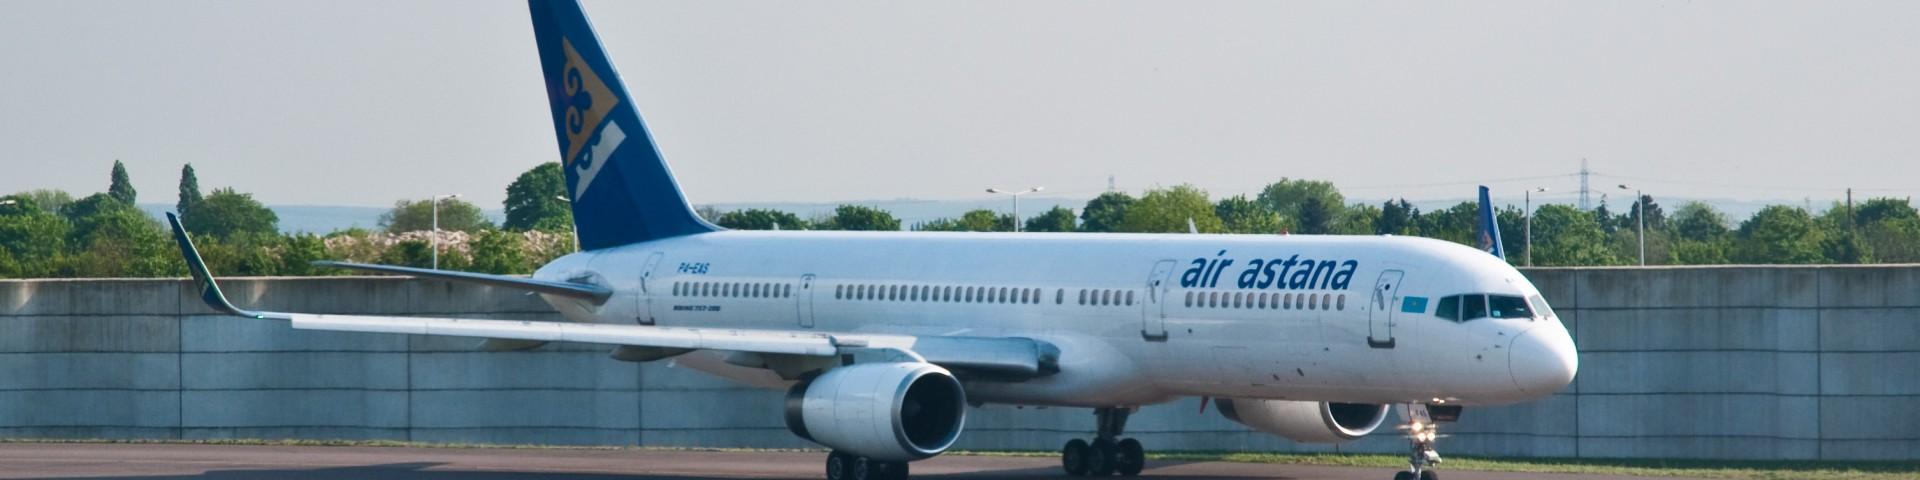 Boeing 757 Air Astana